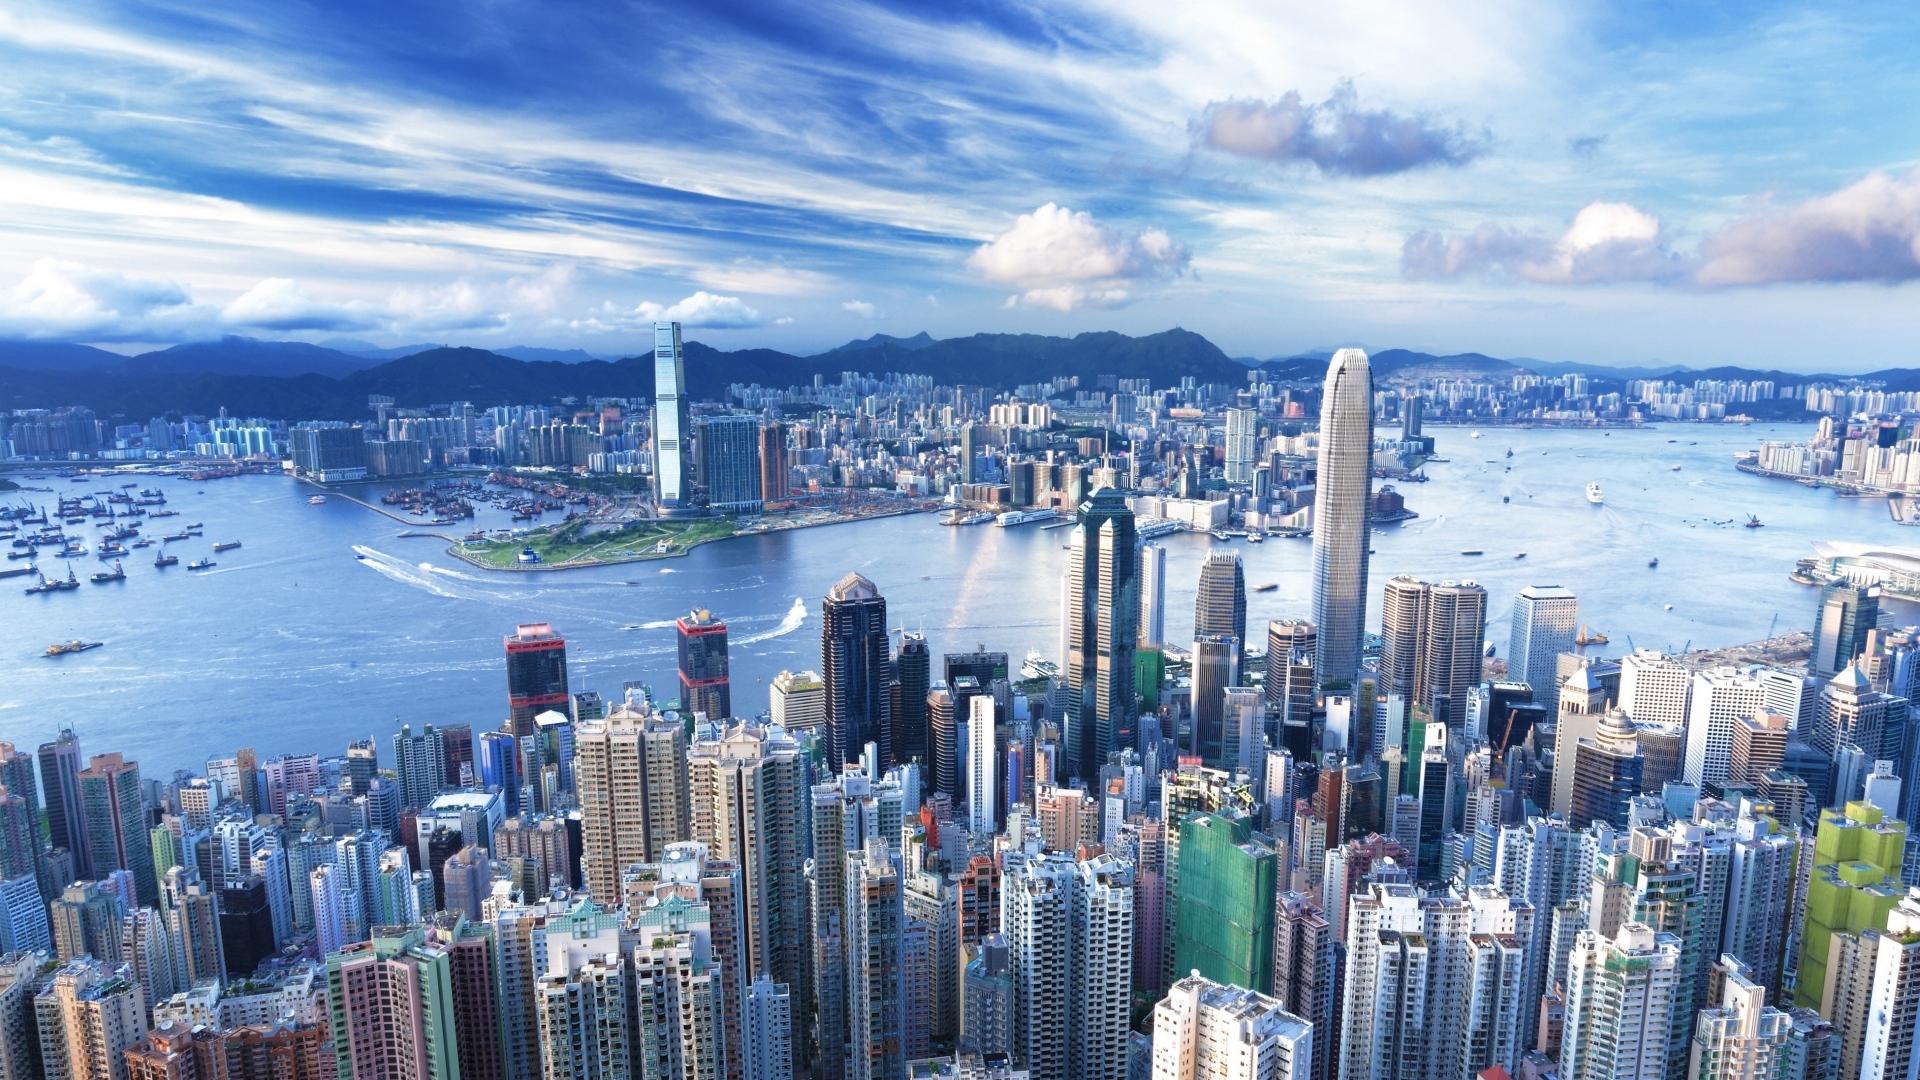 city_buildings_sky_water_805_1920x1080.jpg